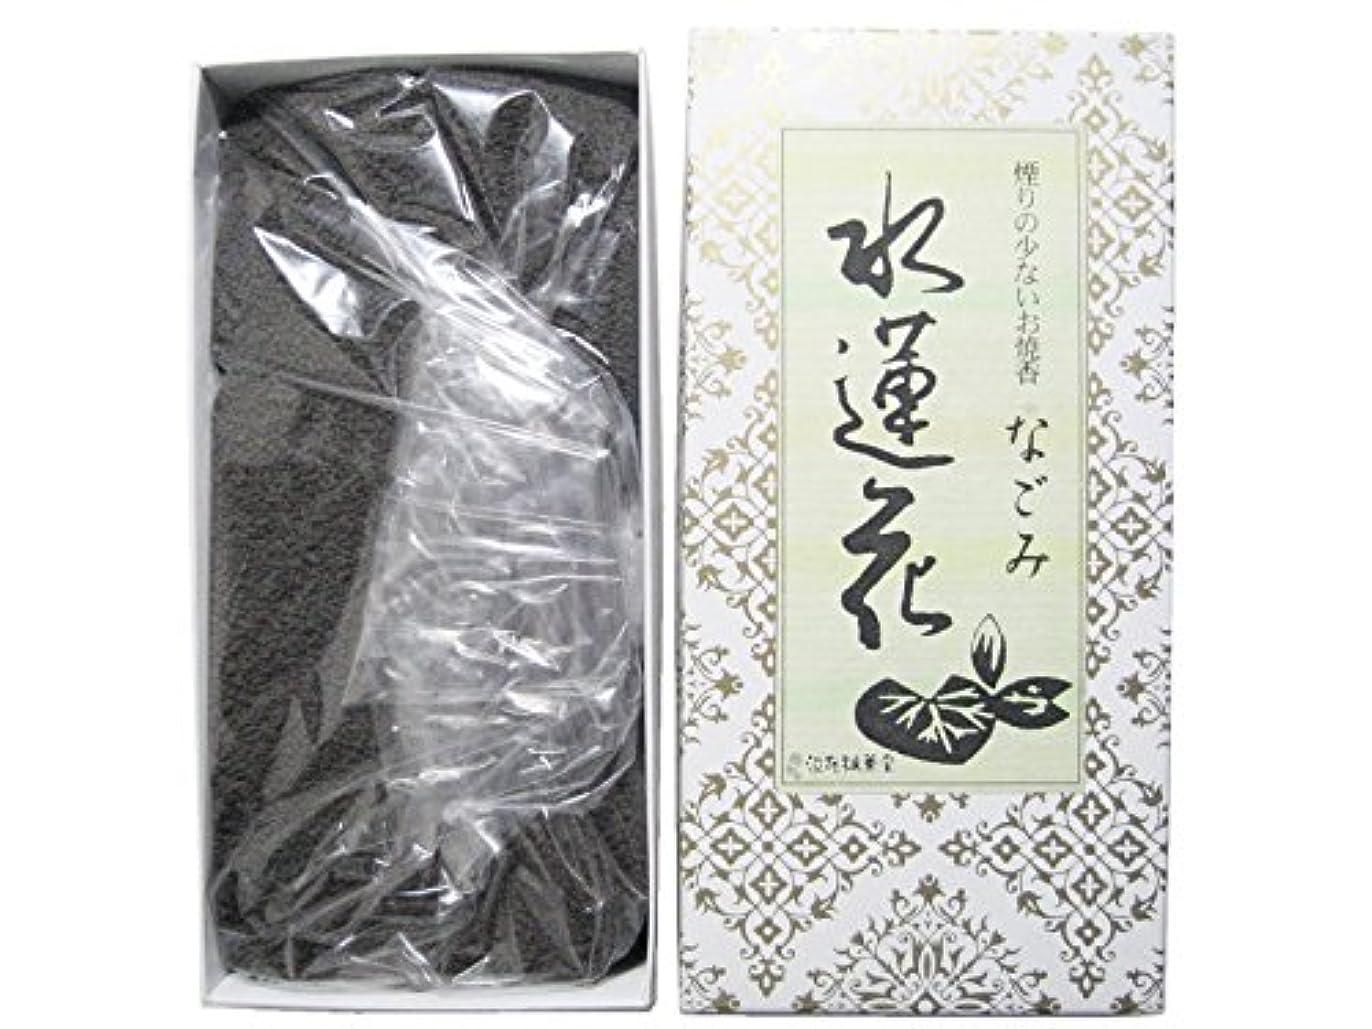 野心マカダム時計淡路梅薫堂のお香 煙の少ないお焼香 なごみ 水蓮花 500g×5箱 #931